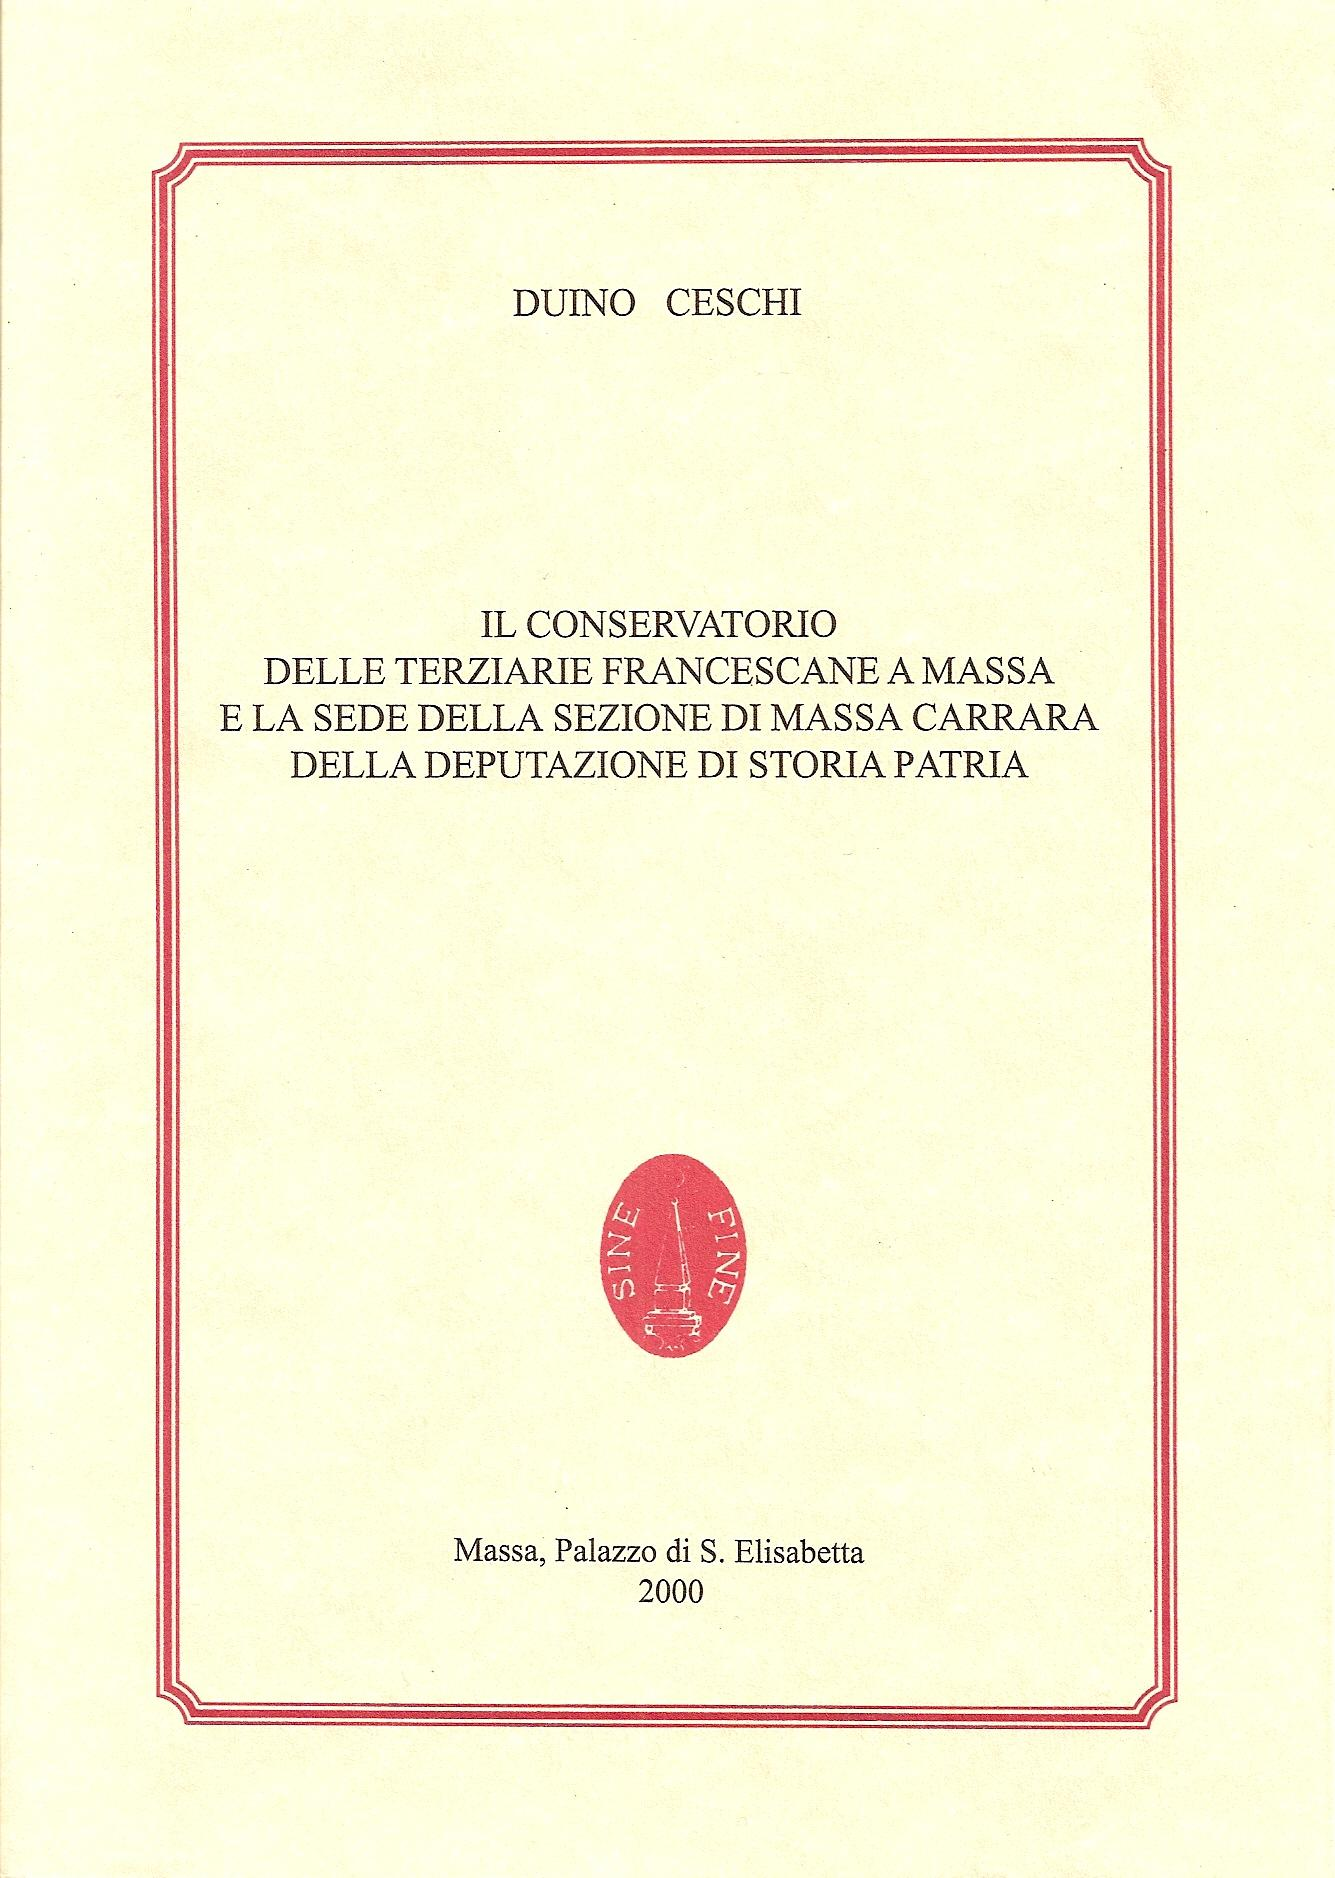 Il conservatorio delle terziarie francescane a Massa e la sede della sezione di Massa Carrara della deputazione di storia patria